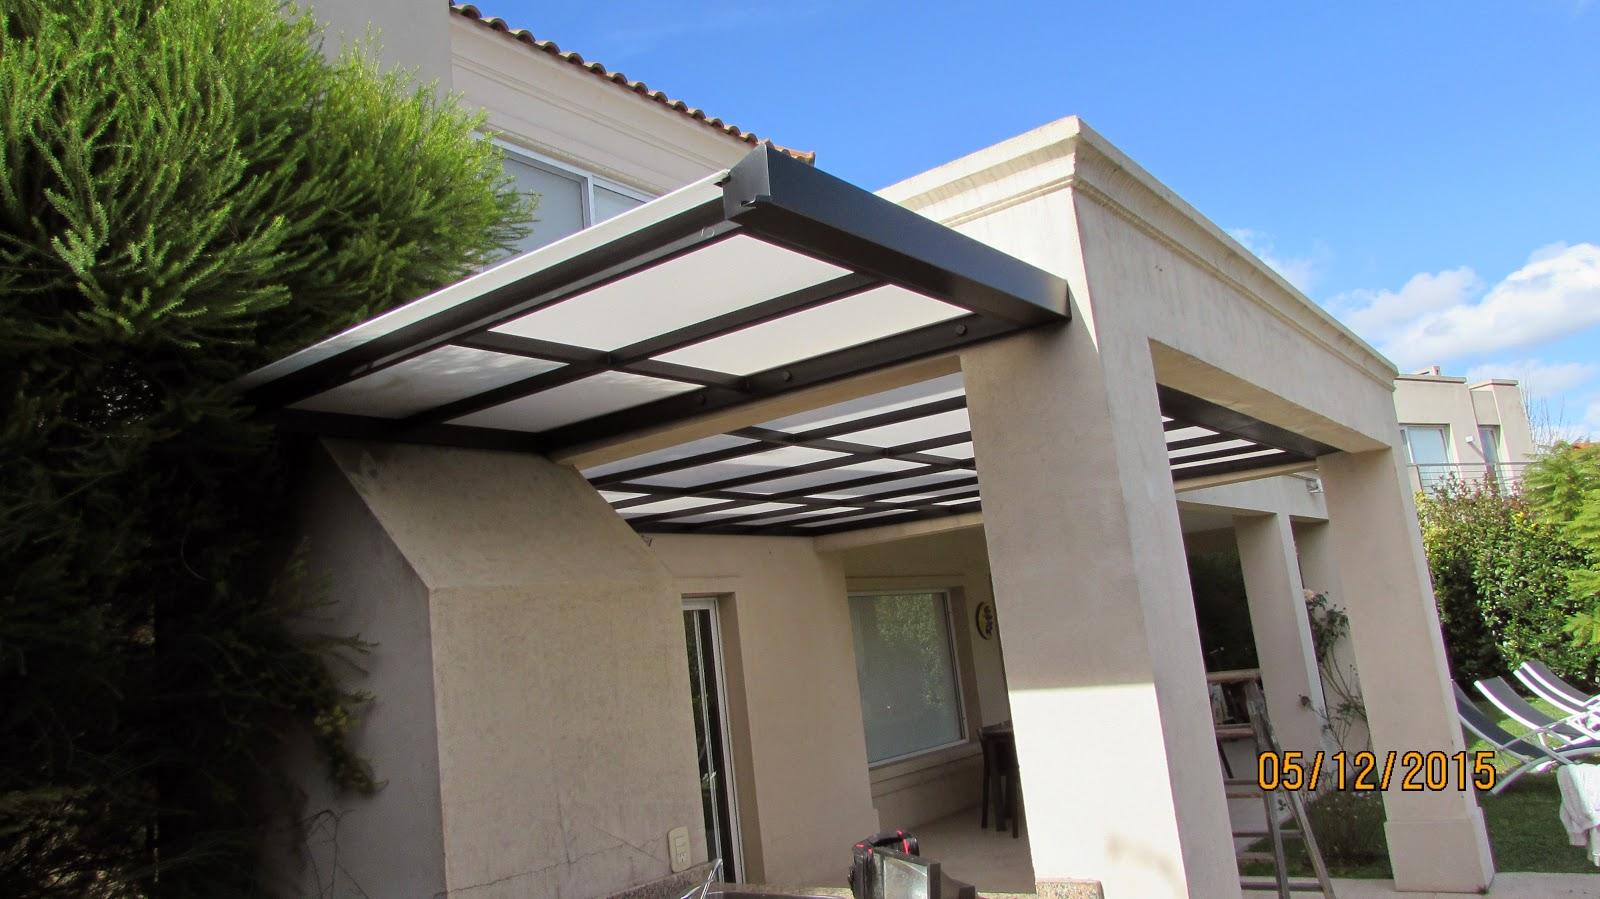 Techo de policarbonato pergolas aleros mayo 2015 for Garajes con techos policarbonato